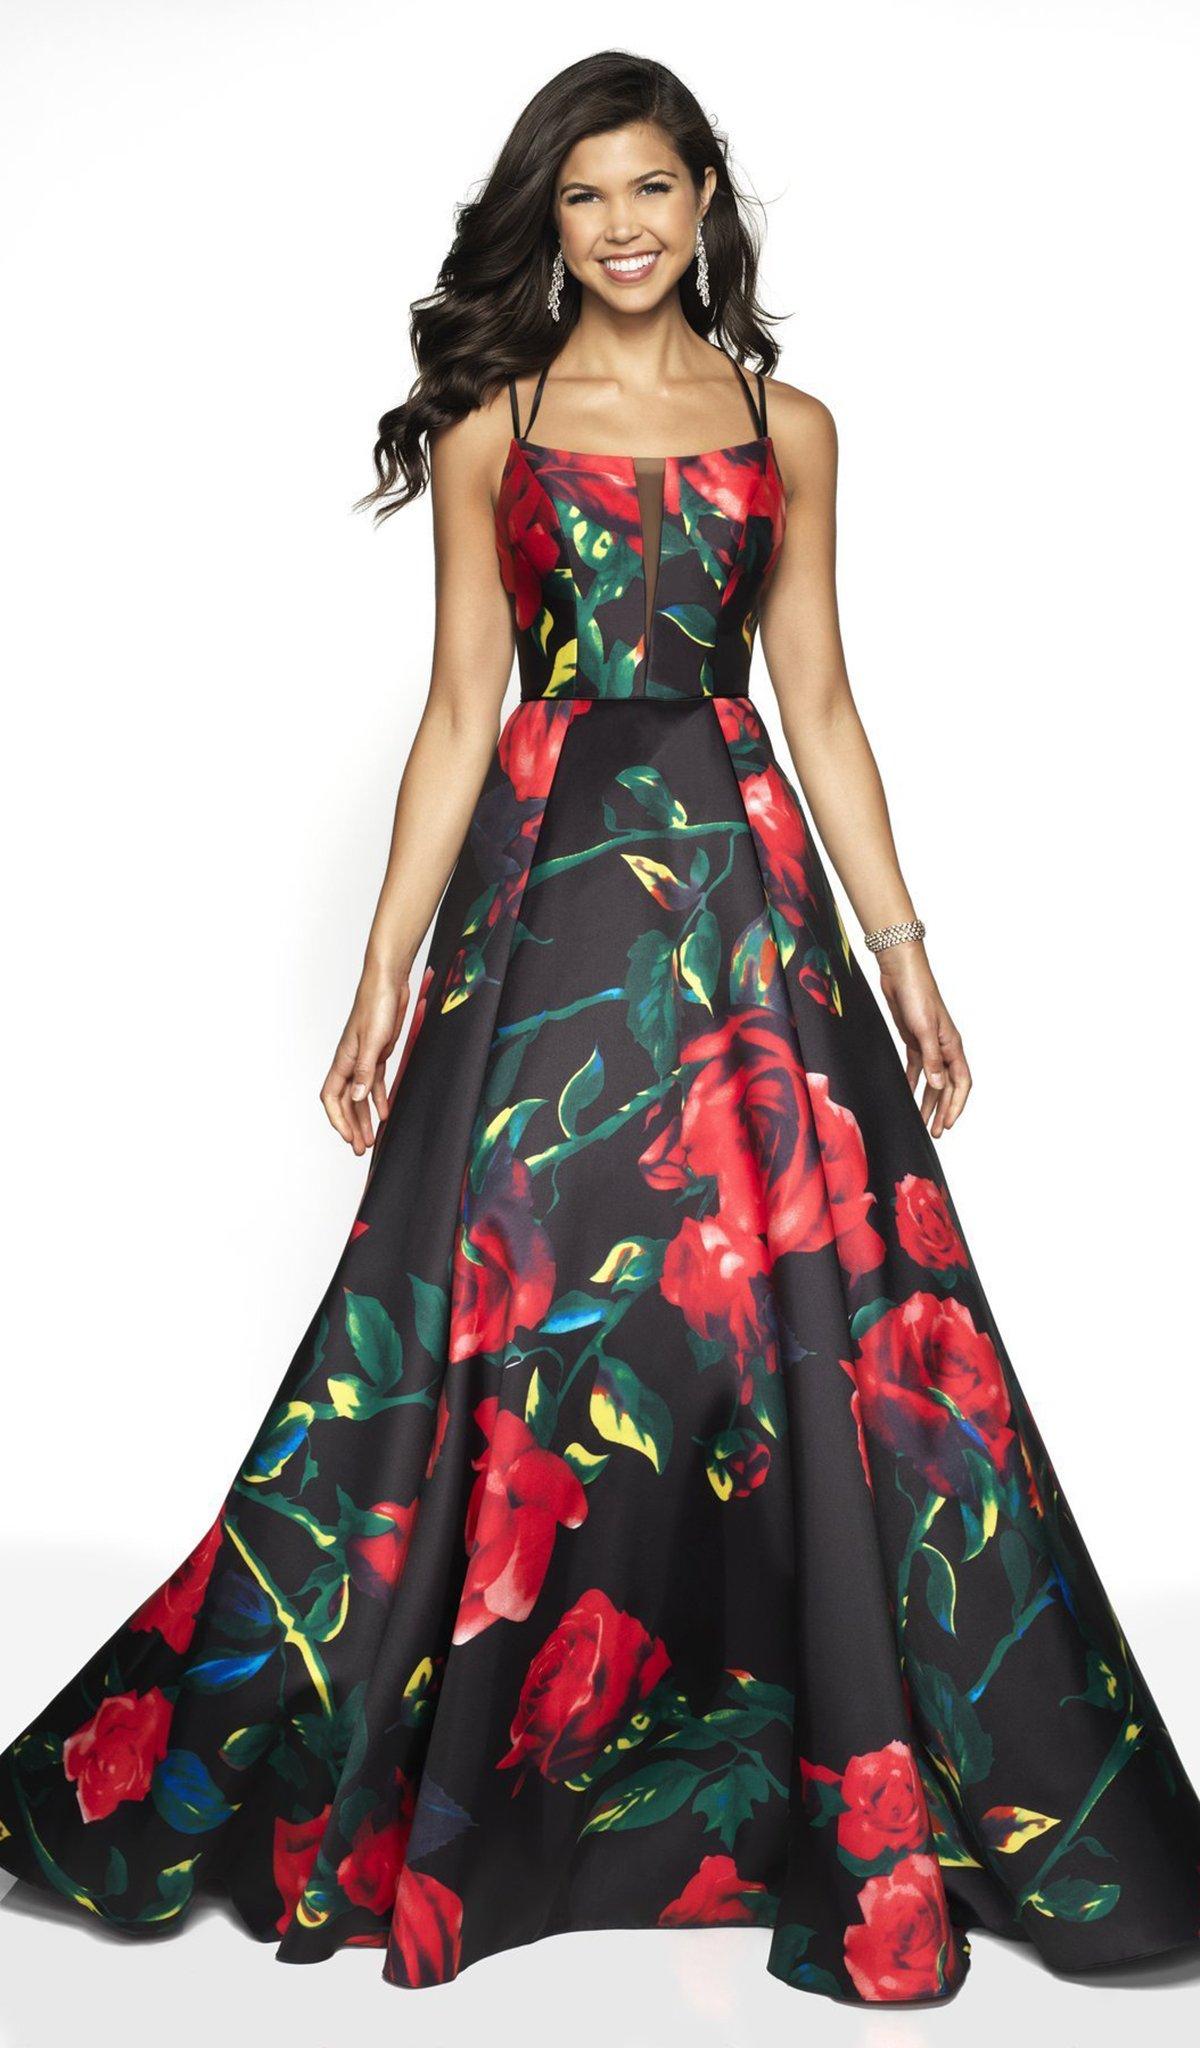 Blush by Alexia Designs - 11785 Floral Print Strappy Dress